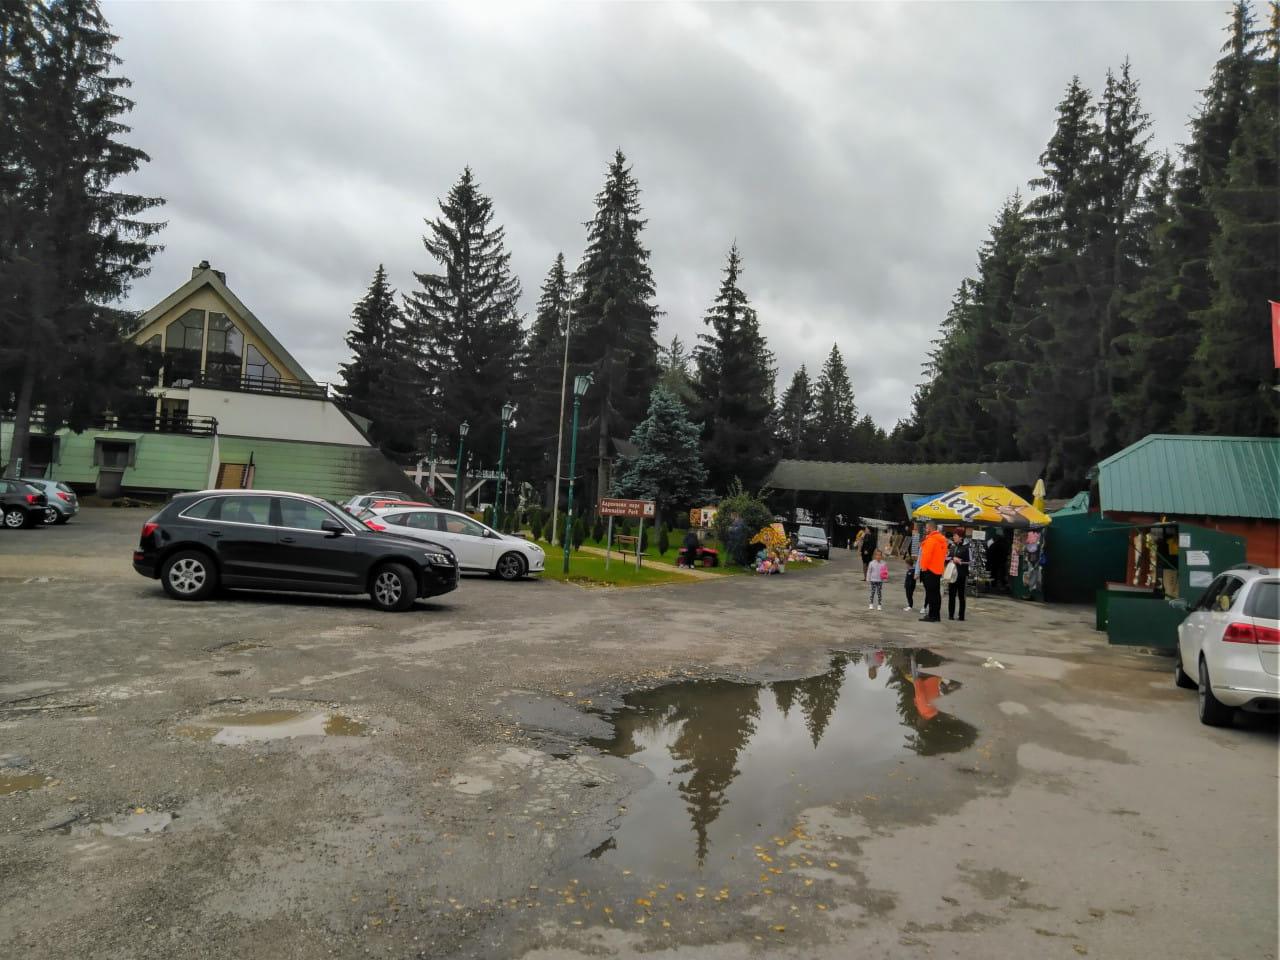 Огледало – добродошлица за дочек  гостију (Фото: Д.Гагричић)